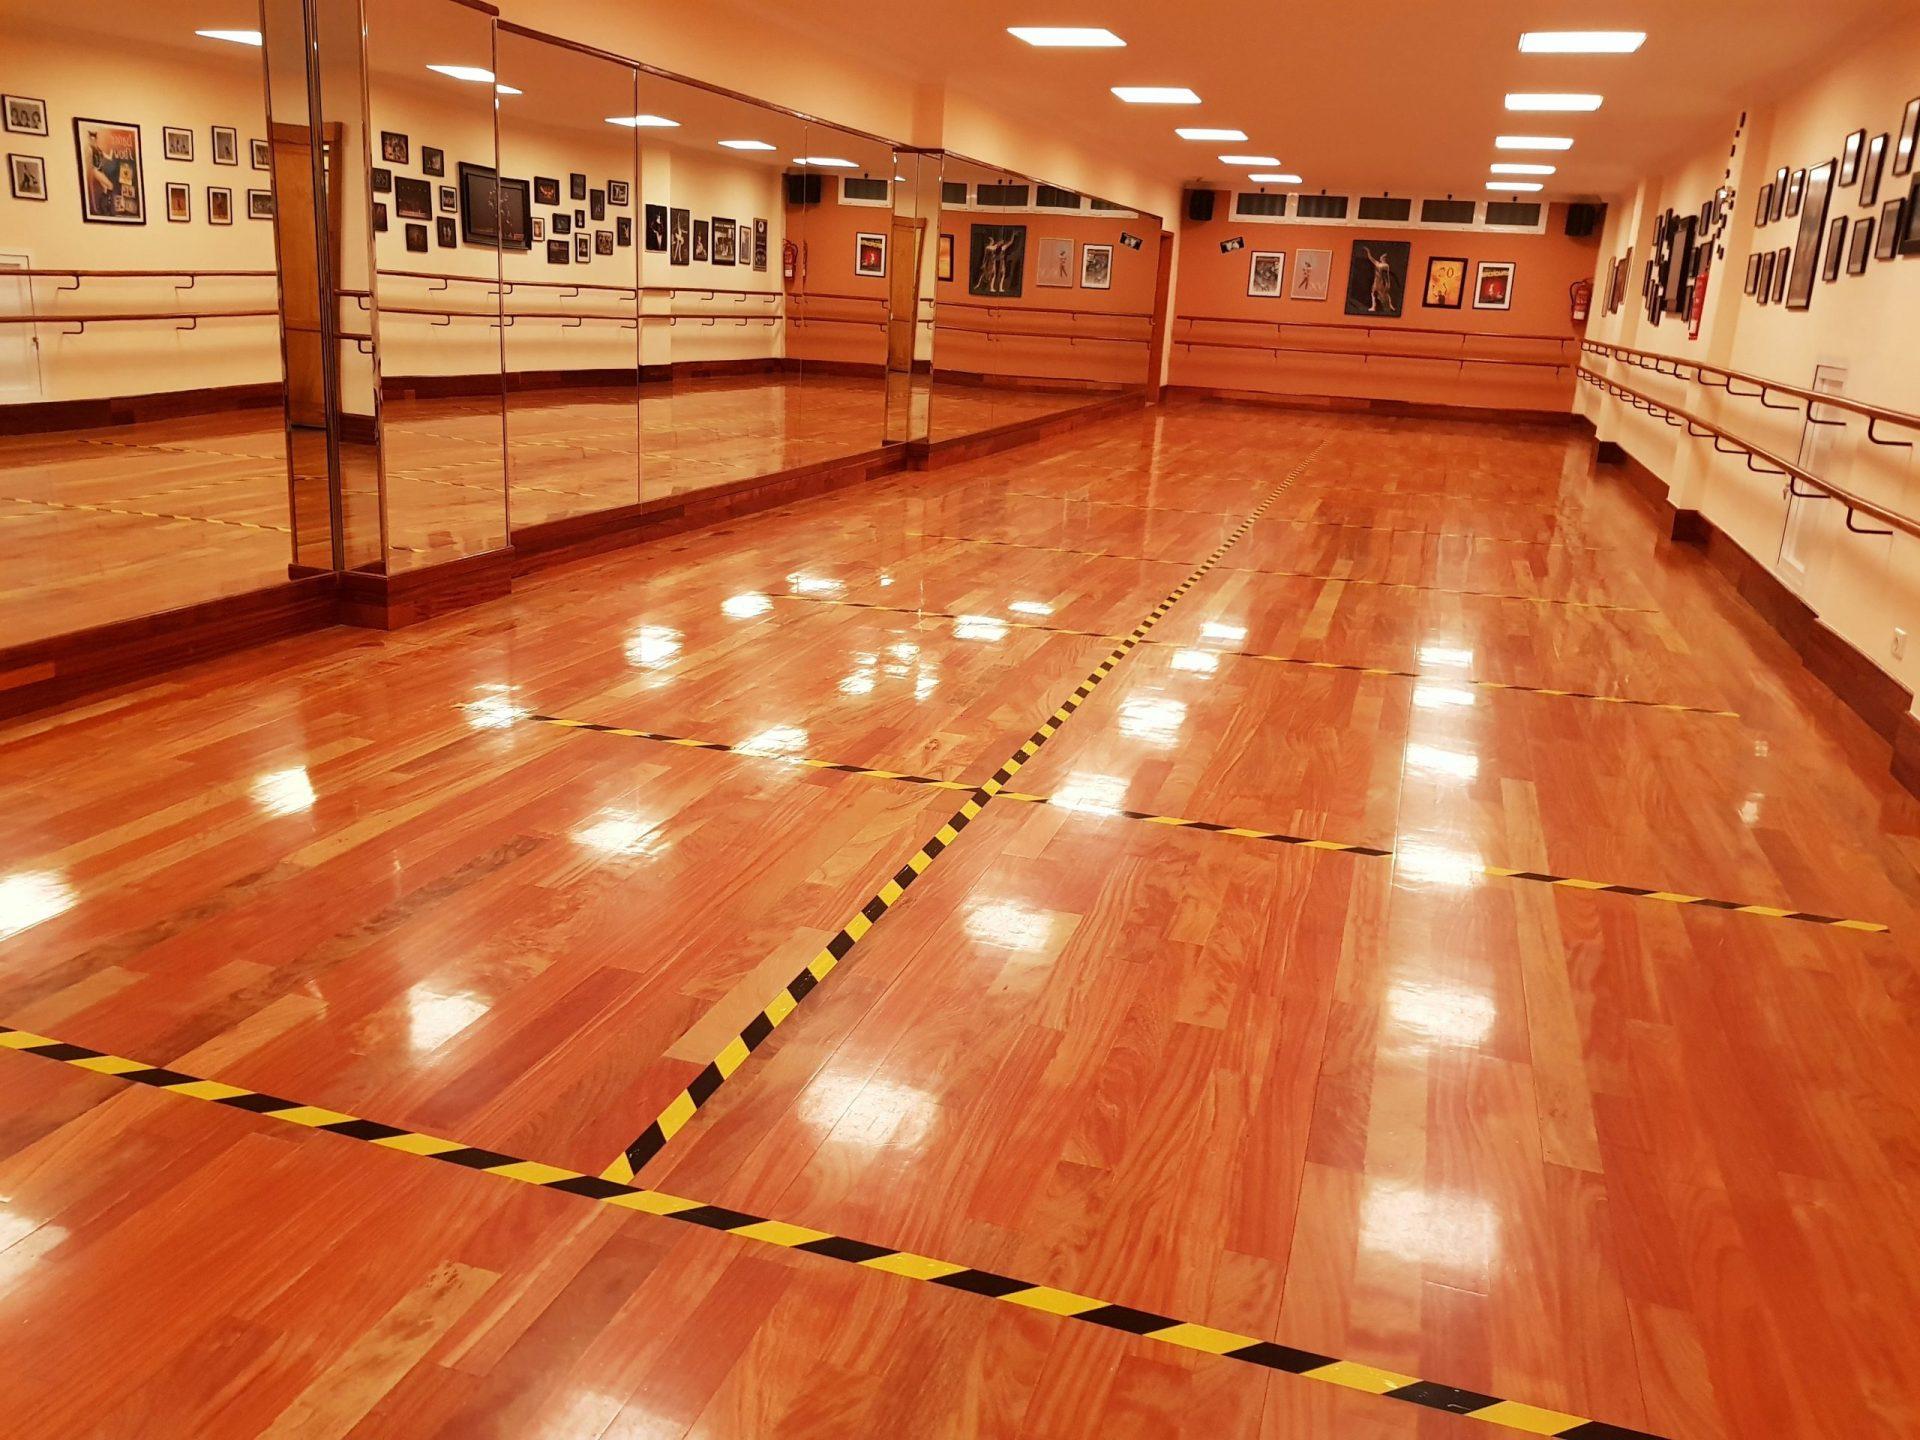 Sala de baile del Centro de Danza Sandra Santa Cruz de la Avda.de Escaleritas 56 adaptada con las medidas frente a la Covi-19.